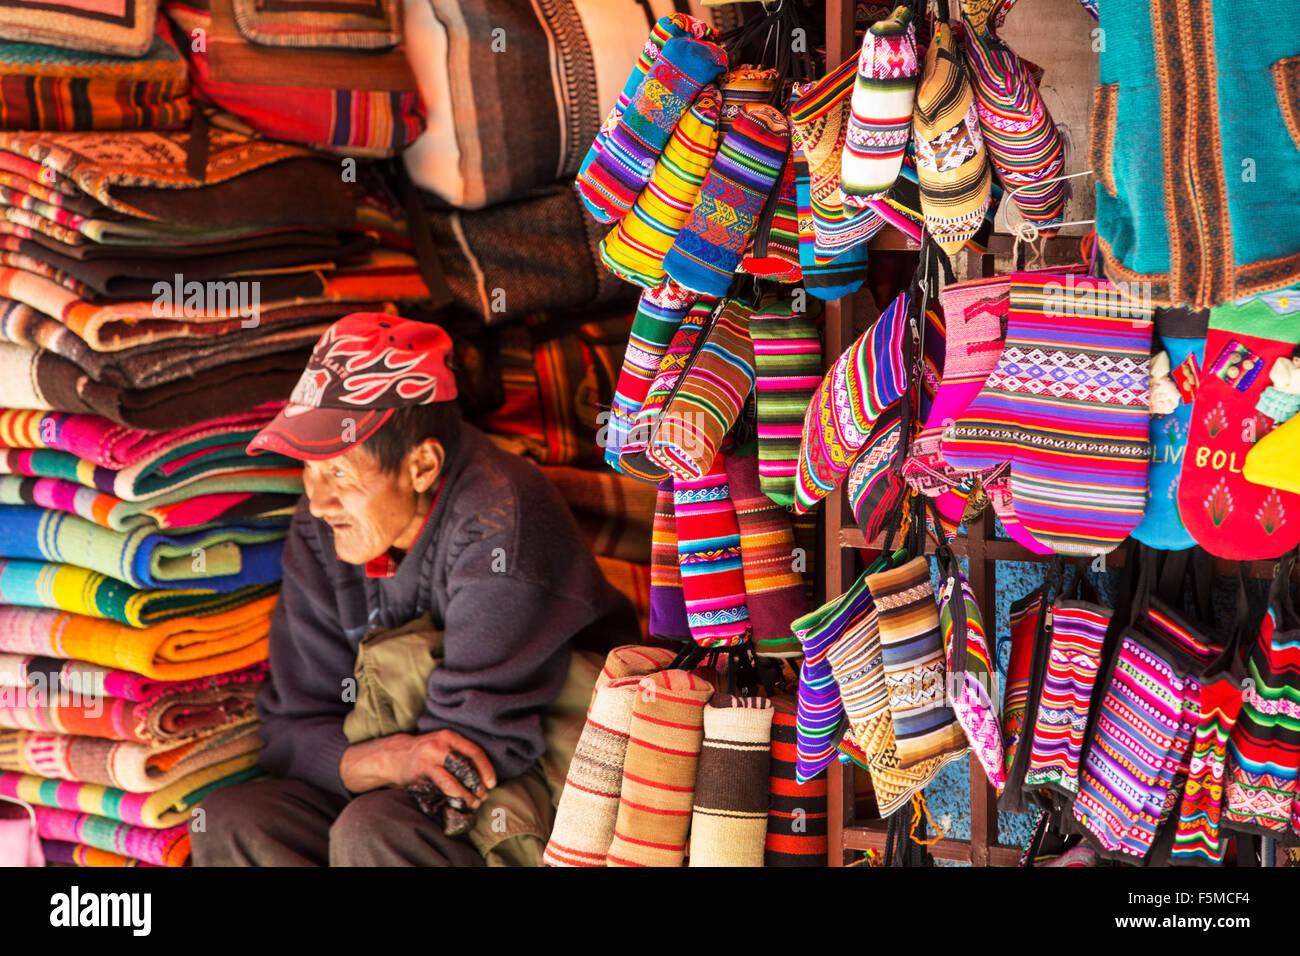 Colorati tessuti boliviana in Vendita in La Paz, Bolivia, Sud America. Immagini Stock